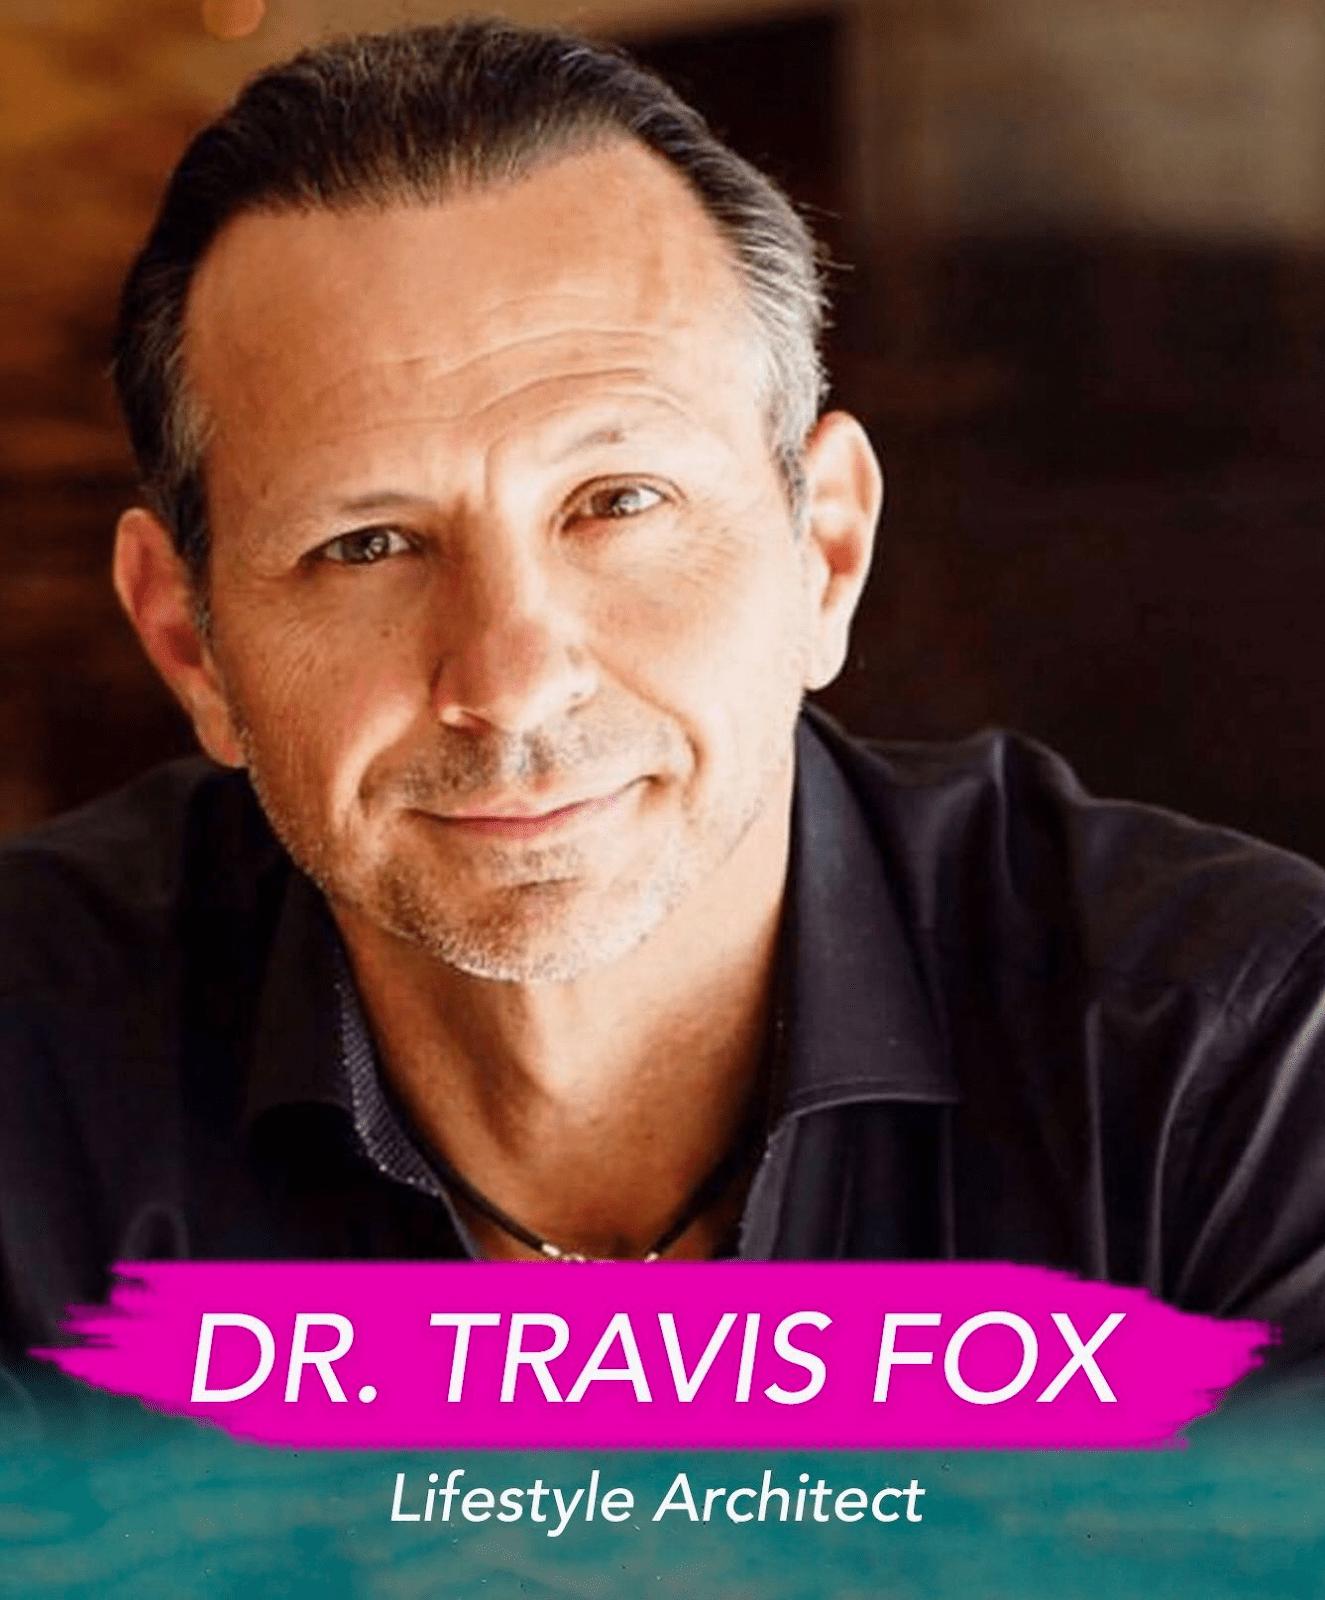 Dr. Travis Fox portrait